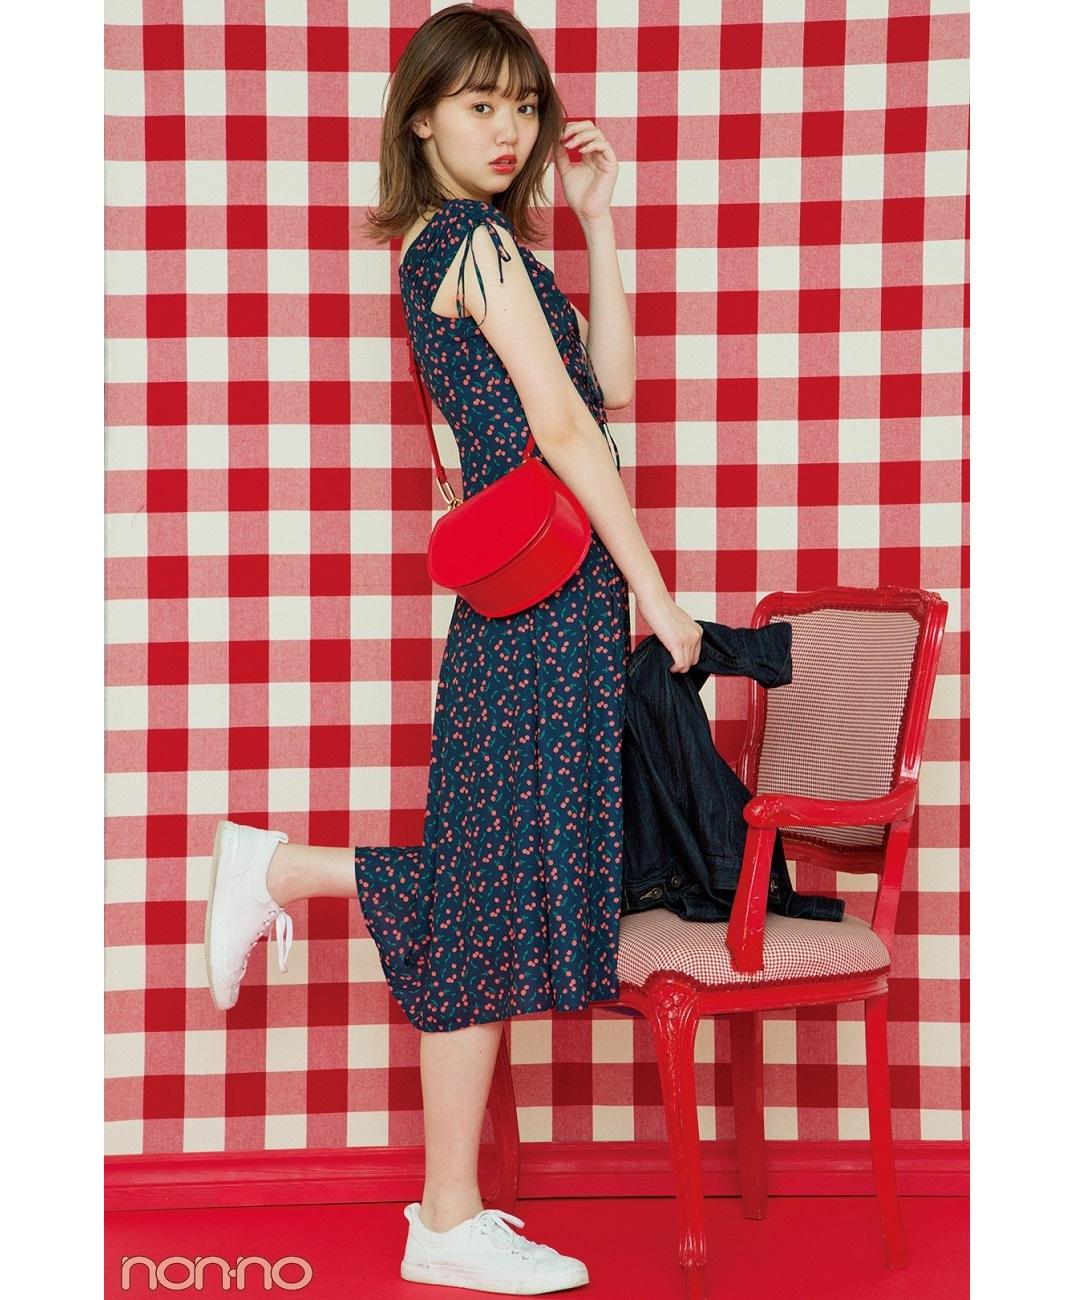 【夏のワンピースコーデ】江野沢愛美の、花柄ロングワンピ×白スニーカーで程よいガーリーコーデ